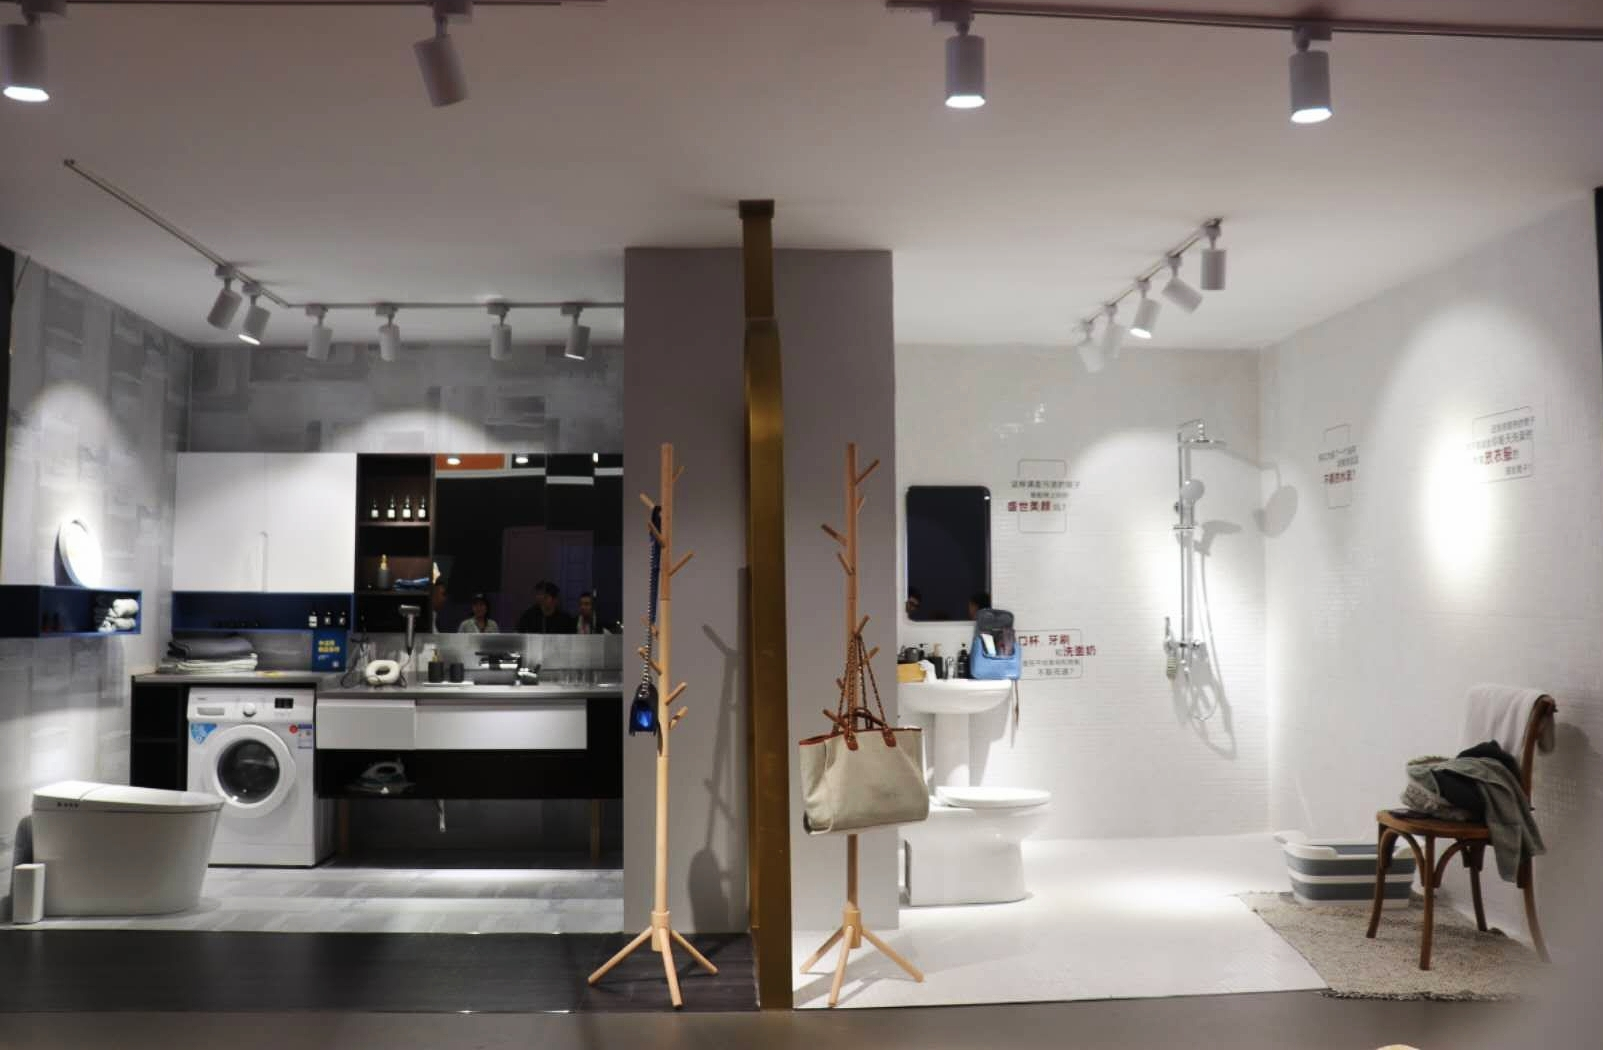 """全卫定制品牌这么多,但是以两个不同场景空间做对比来展示的,意中陶是第一家,这个空间源于""""生活不止AB 面""""的理念,不同的空间应用,可以为你带来不一样的浴室生活,嗯,确认过眼神,这是家有思想的卫浴品牌!"""